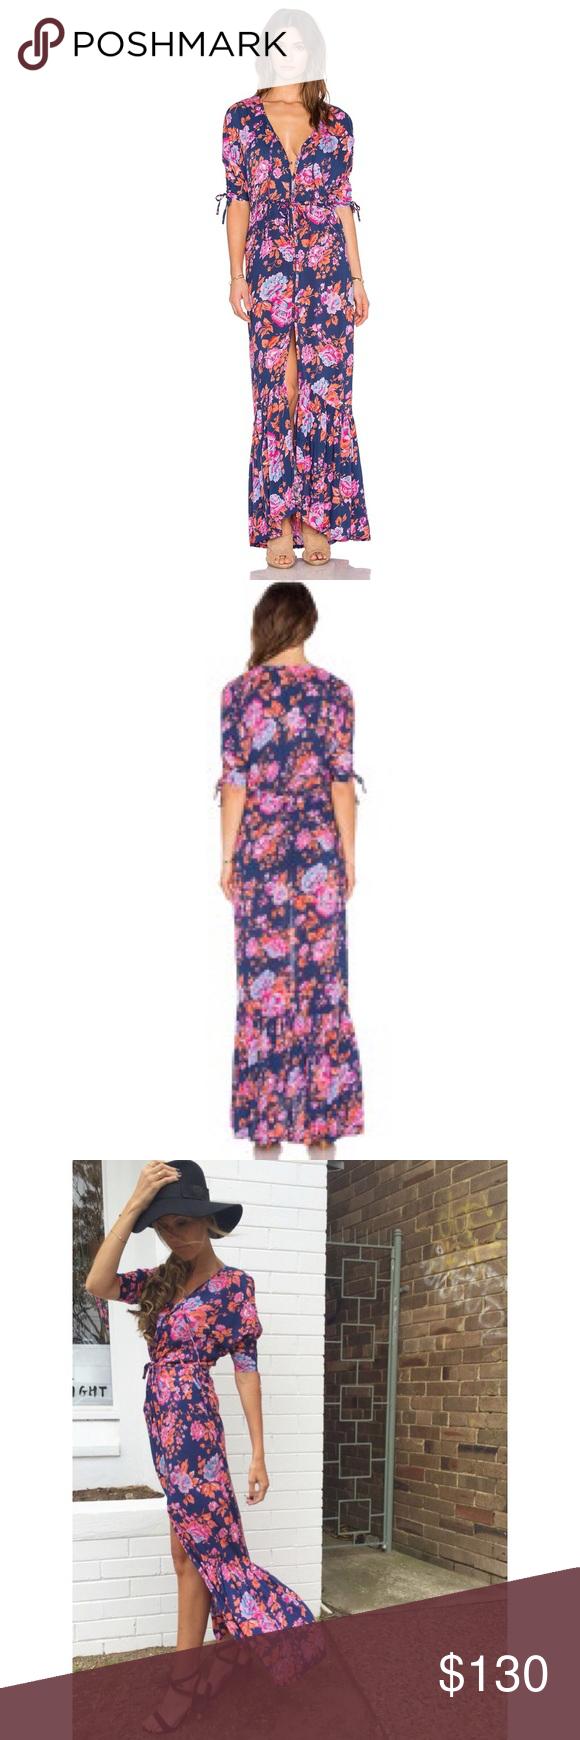 Host pick roamer maxi dress nwt front button drawstring waist